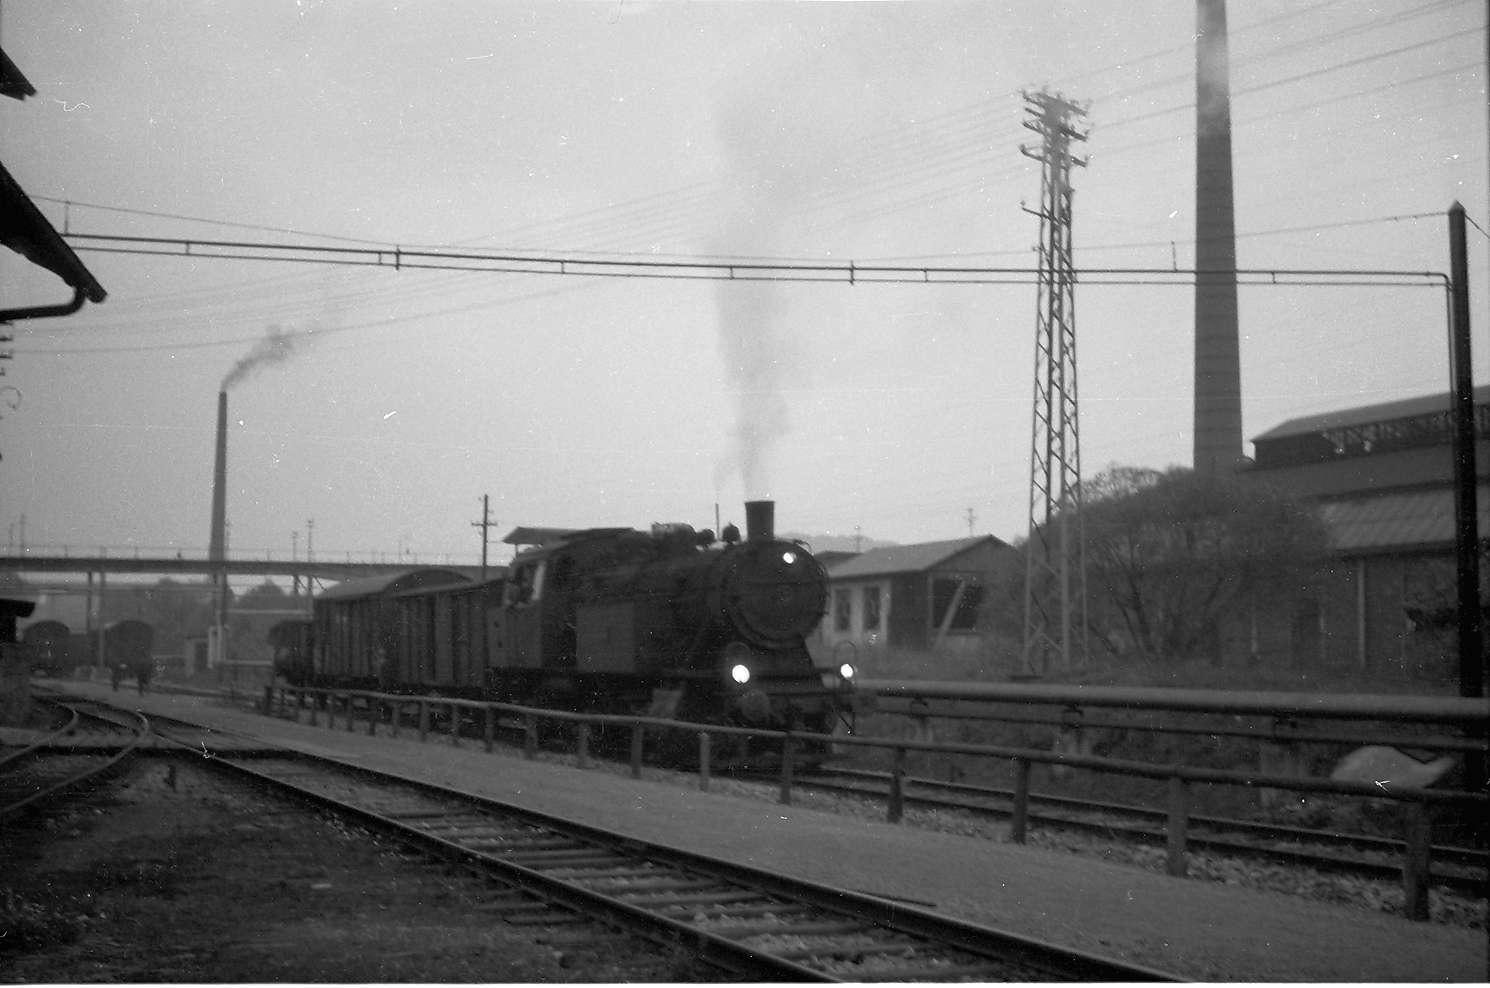 Lok 15 im Hüttenwerk Laucherthal, dieses hat 1962 noch viele Kamine, die bei der Sanierung 1997 beseitigt wurden, Bild 1